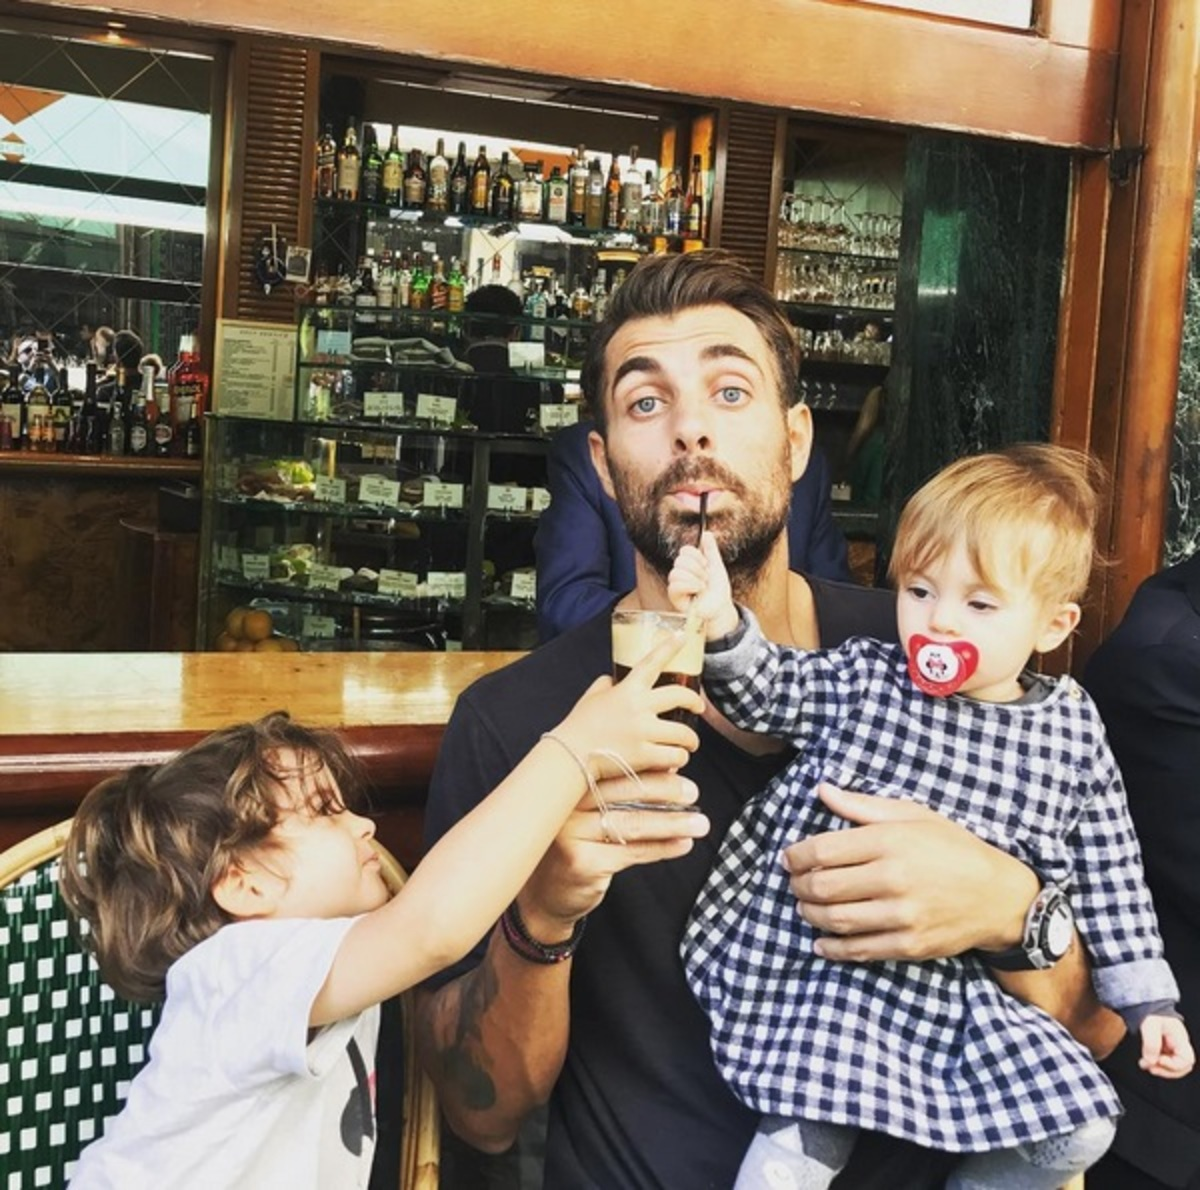 Στέλιος Χανταμπάκης: Λείπει η Όλγα Πηλιάκη και τα παιδιά τον έχουν τρελάνει! Ξεκαρδιστικό video | Newsit.gr